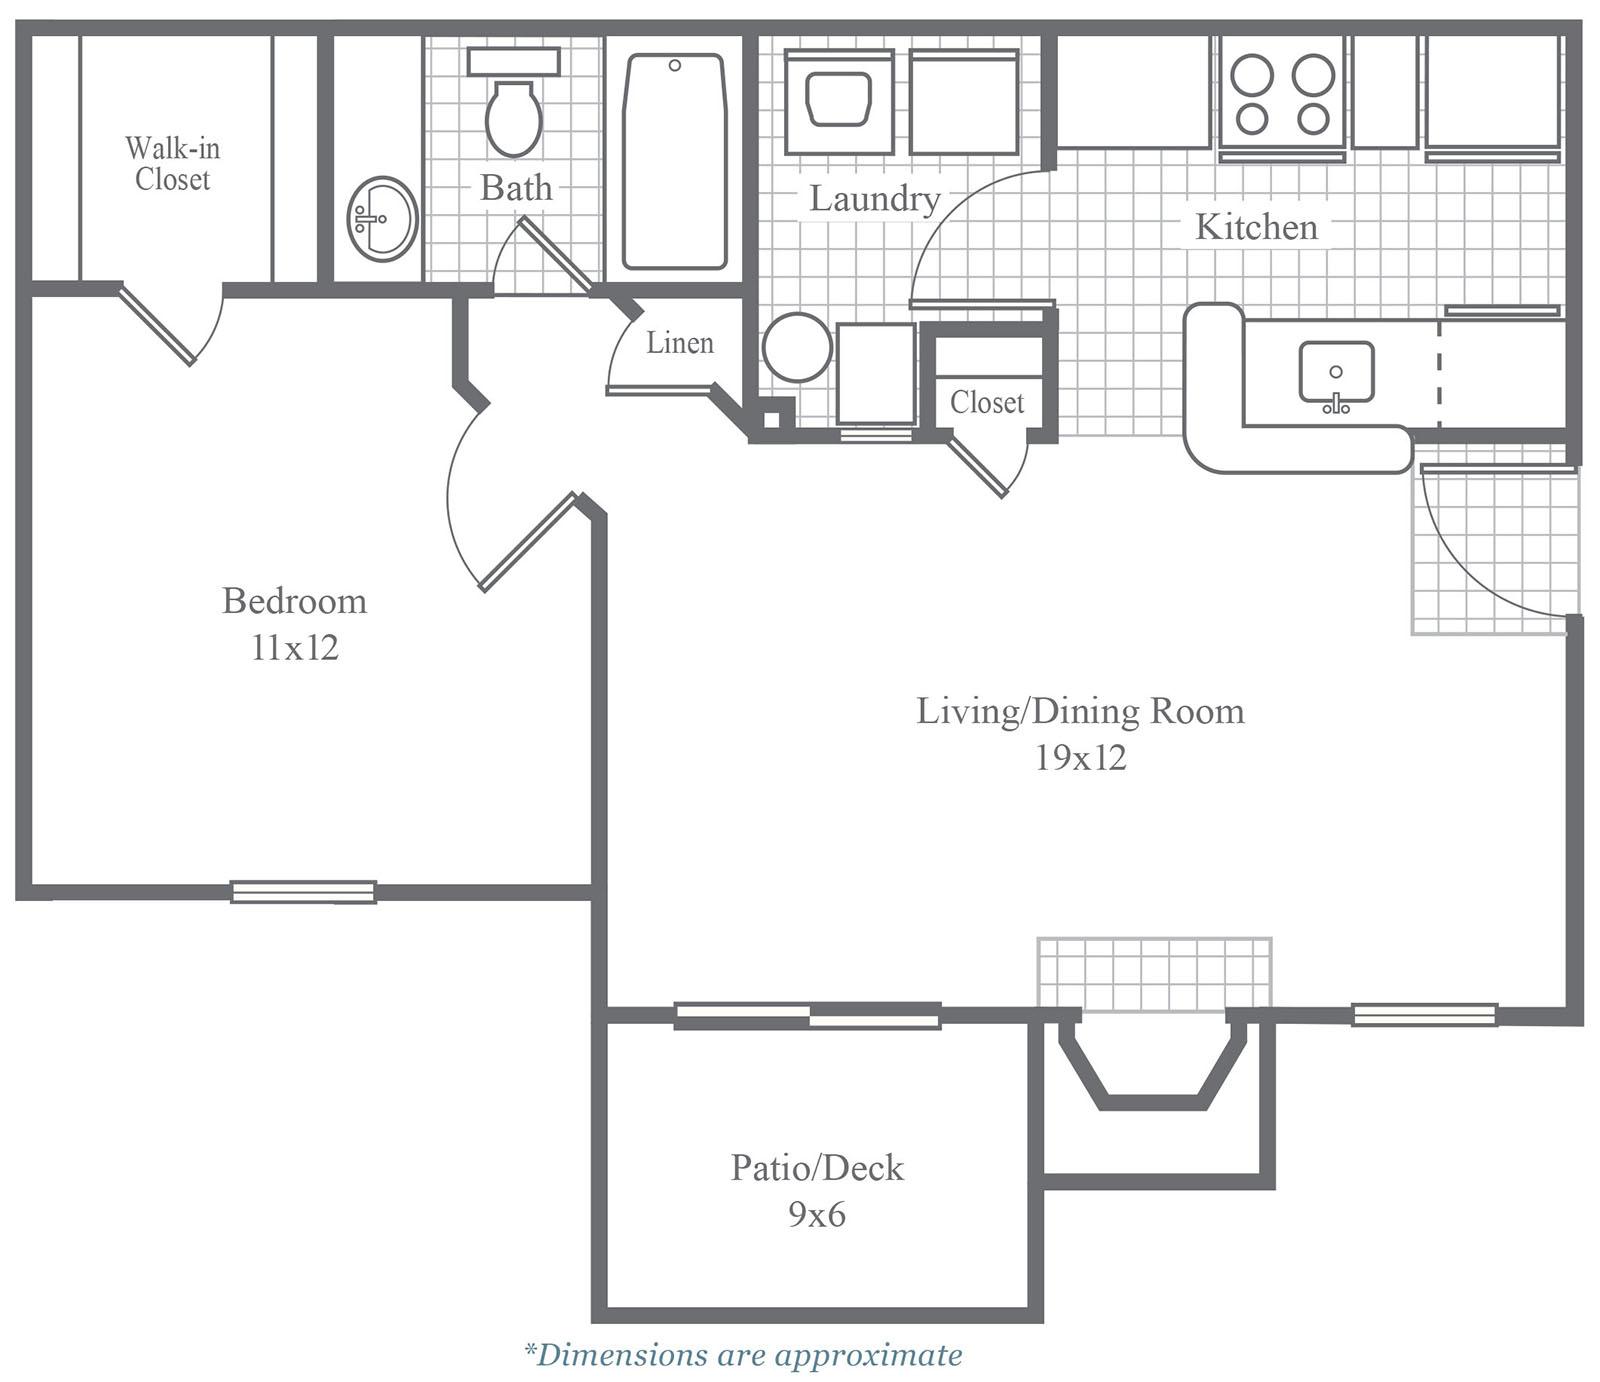 12x12 kitchen floor plans tag for 12x12 kitchen floor for 12x12 kitchen floor plan